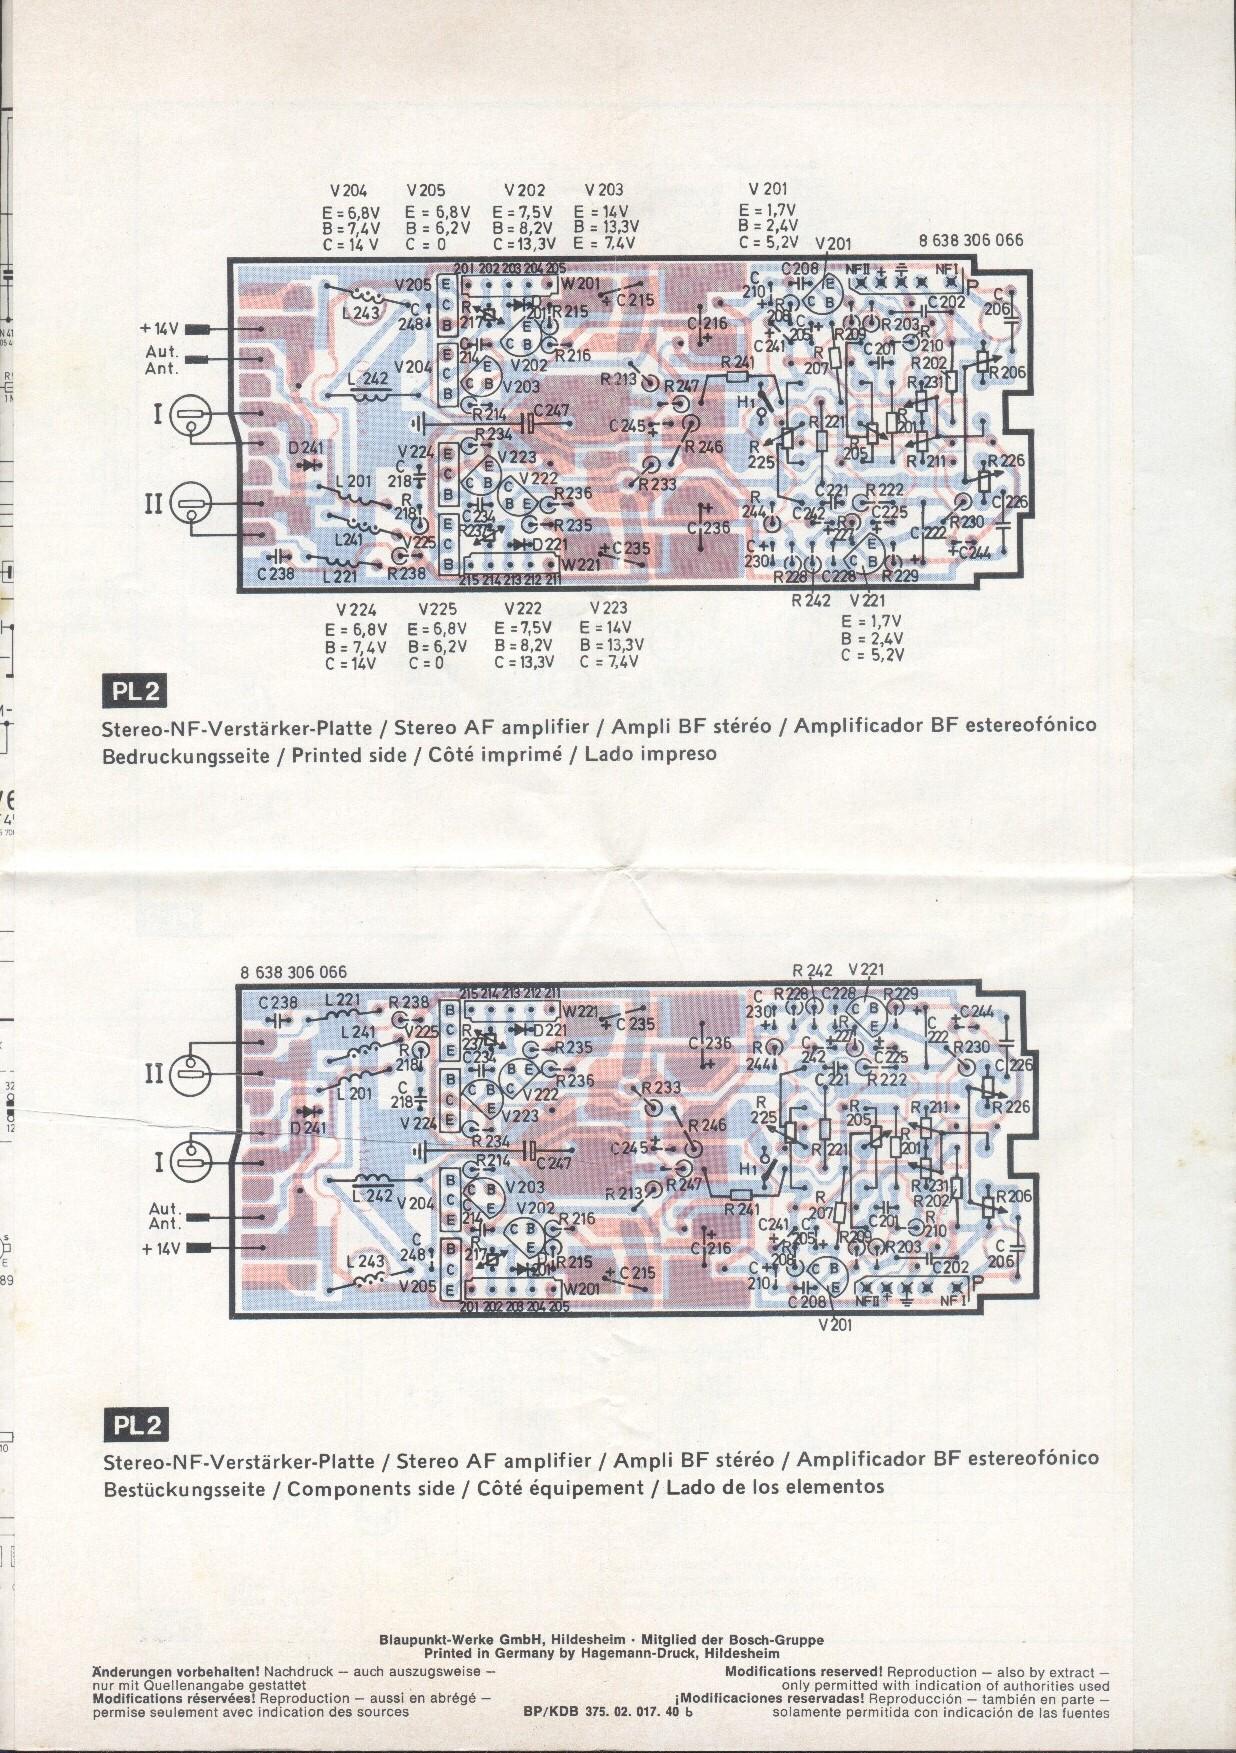 Atemberaubend 2003 Chevy Malibu Fabrik Radio Kabelbaum Farbe ...